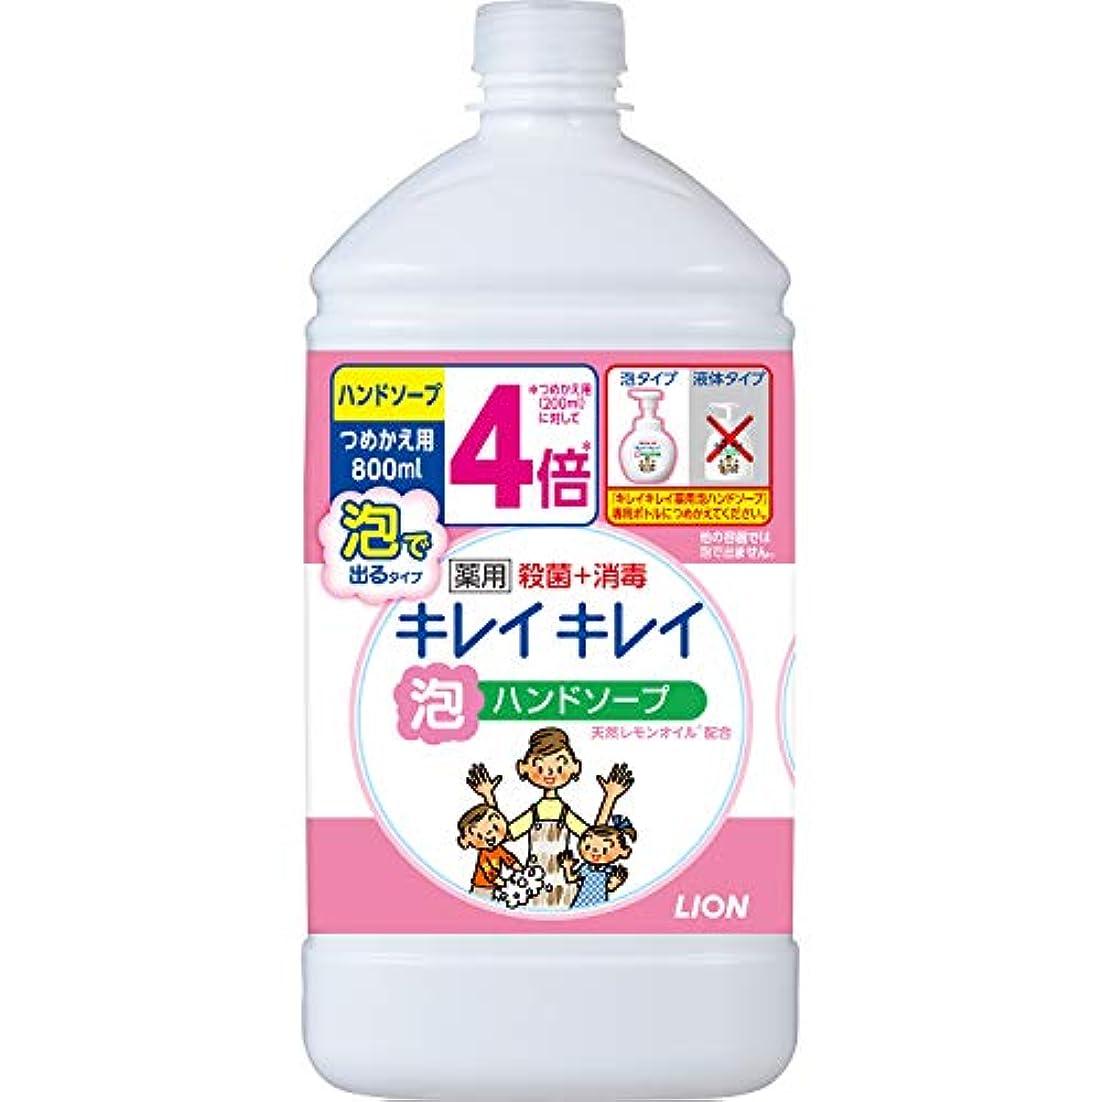 モート薄いですほかに(医薬部外品)【大容量】キレイキレイ 薬用 泡ハンドソープ シトラスフルーティの香り 詰替特大 800ml